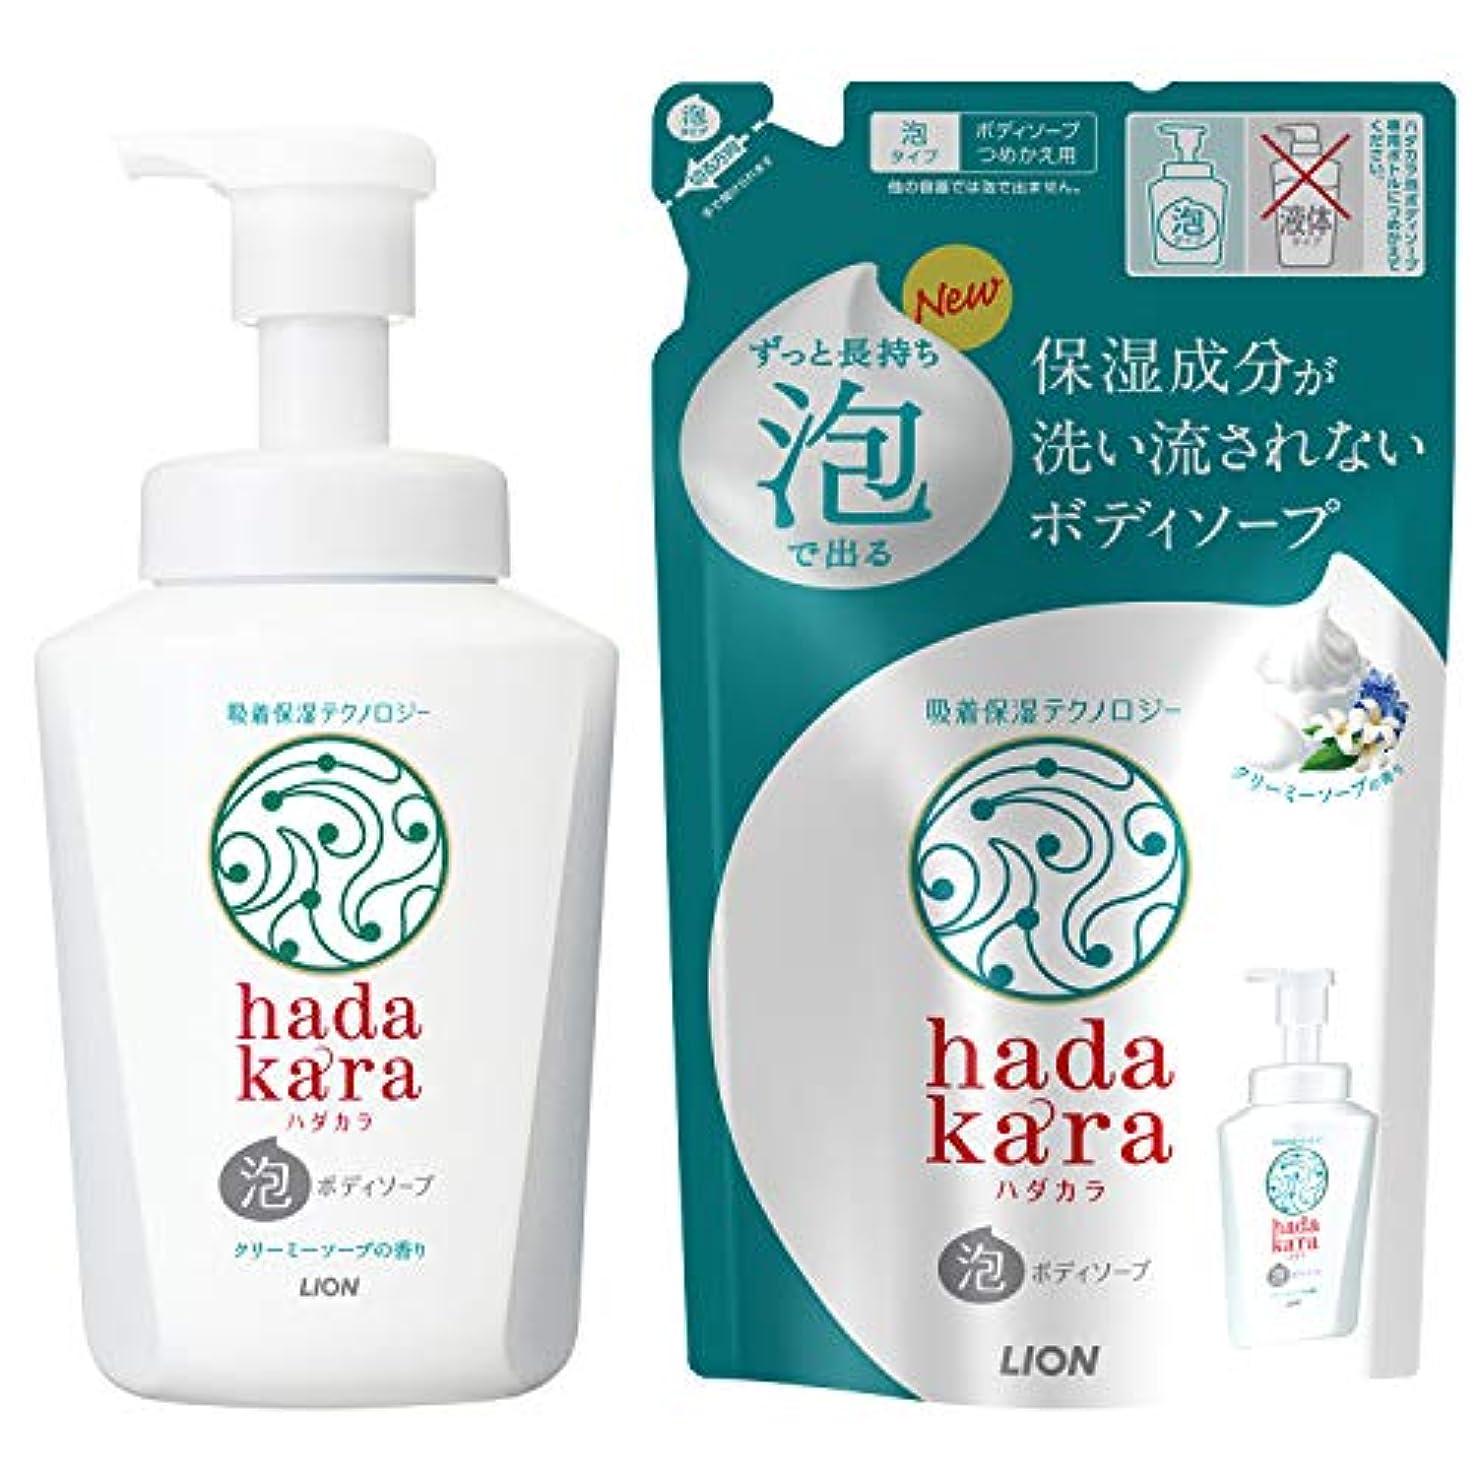 アラートもの有害hadakara(ハダカラ) ボディソープ 泡タイプ クリーミーソープの香り 本体550ml+詰替440ml